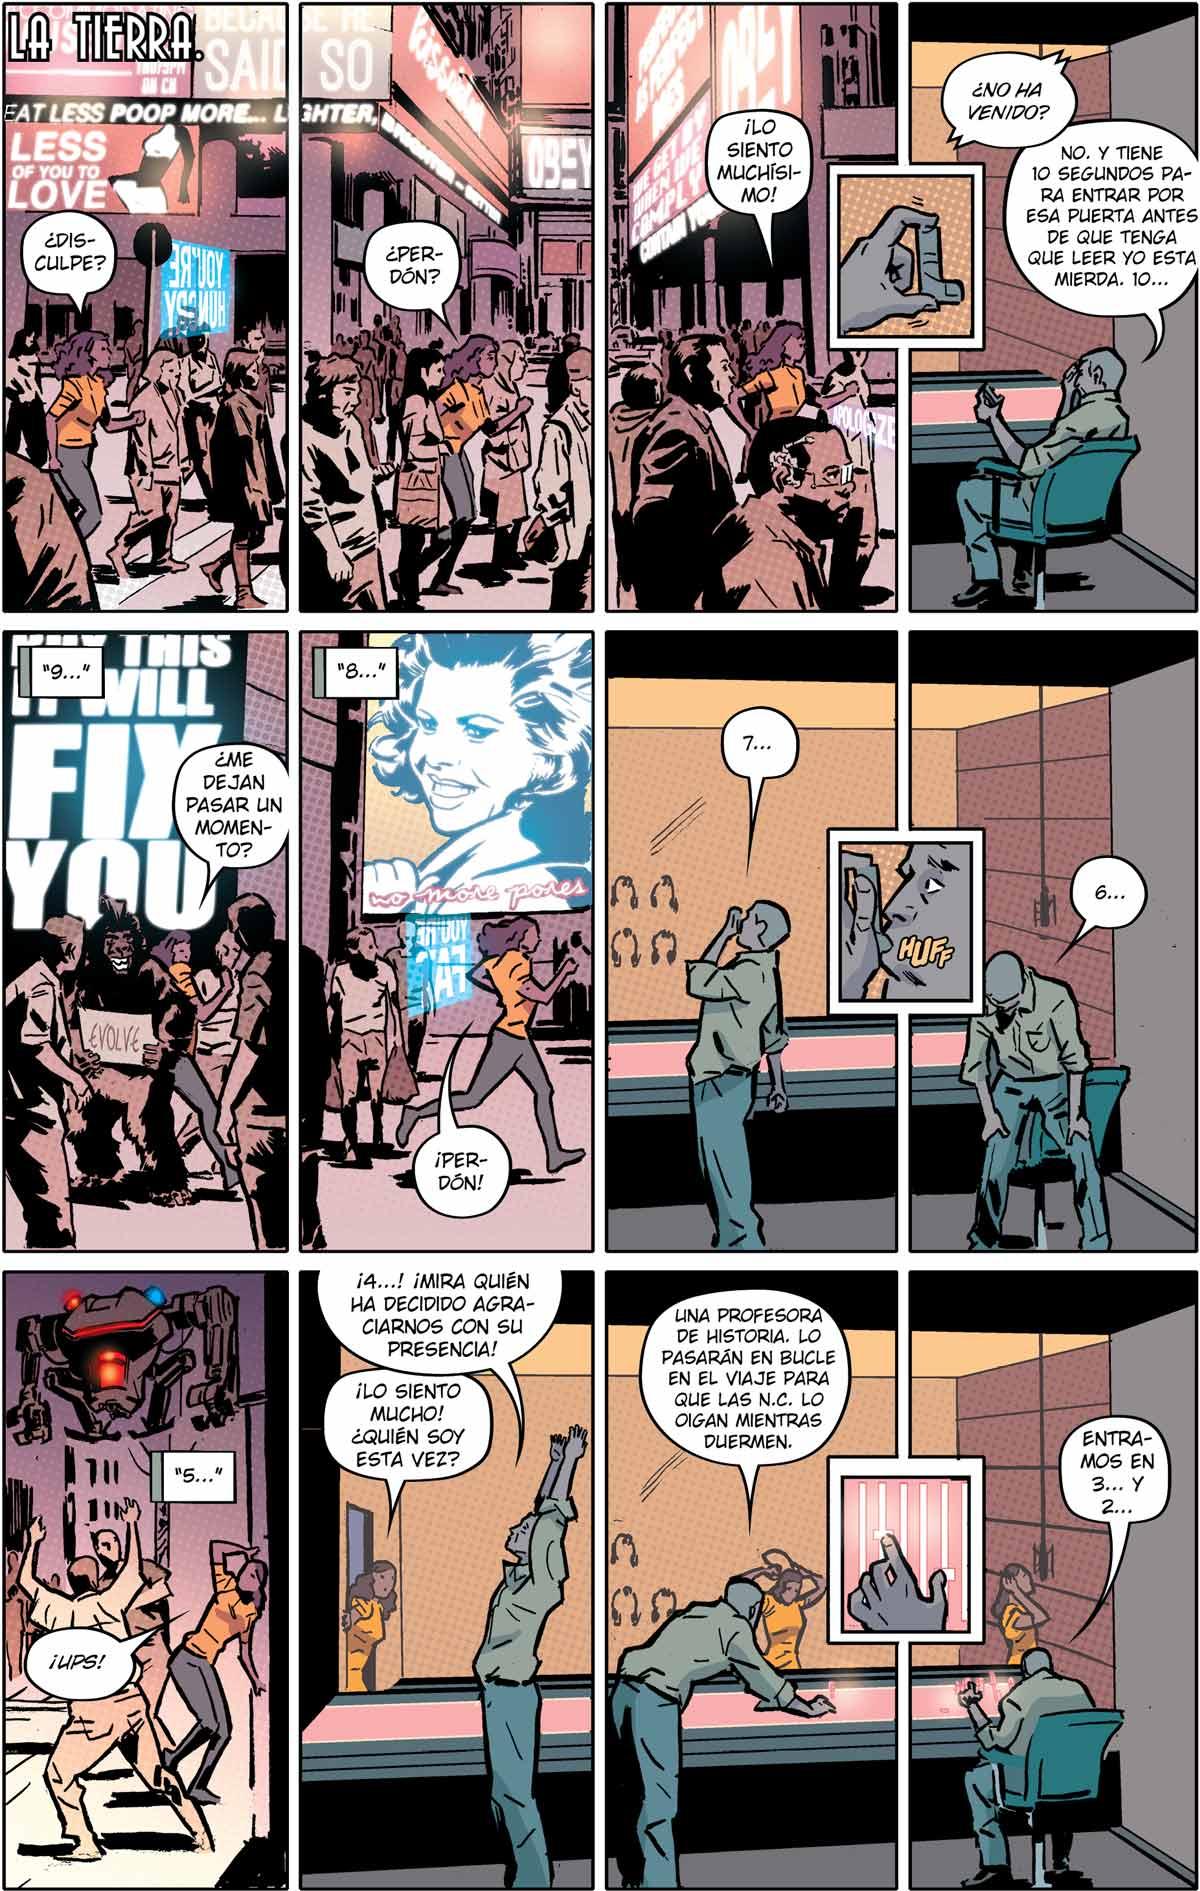 Golem-Comics-resena-bitch-planet-07